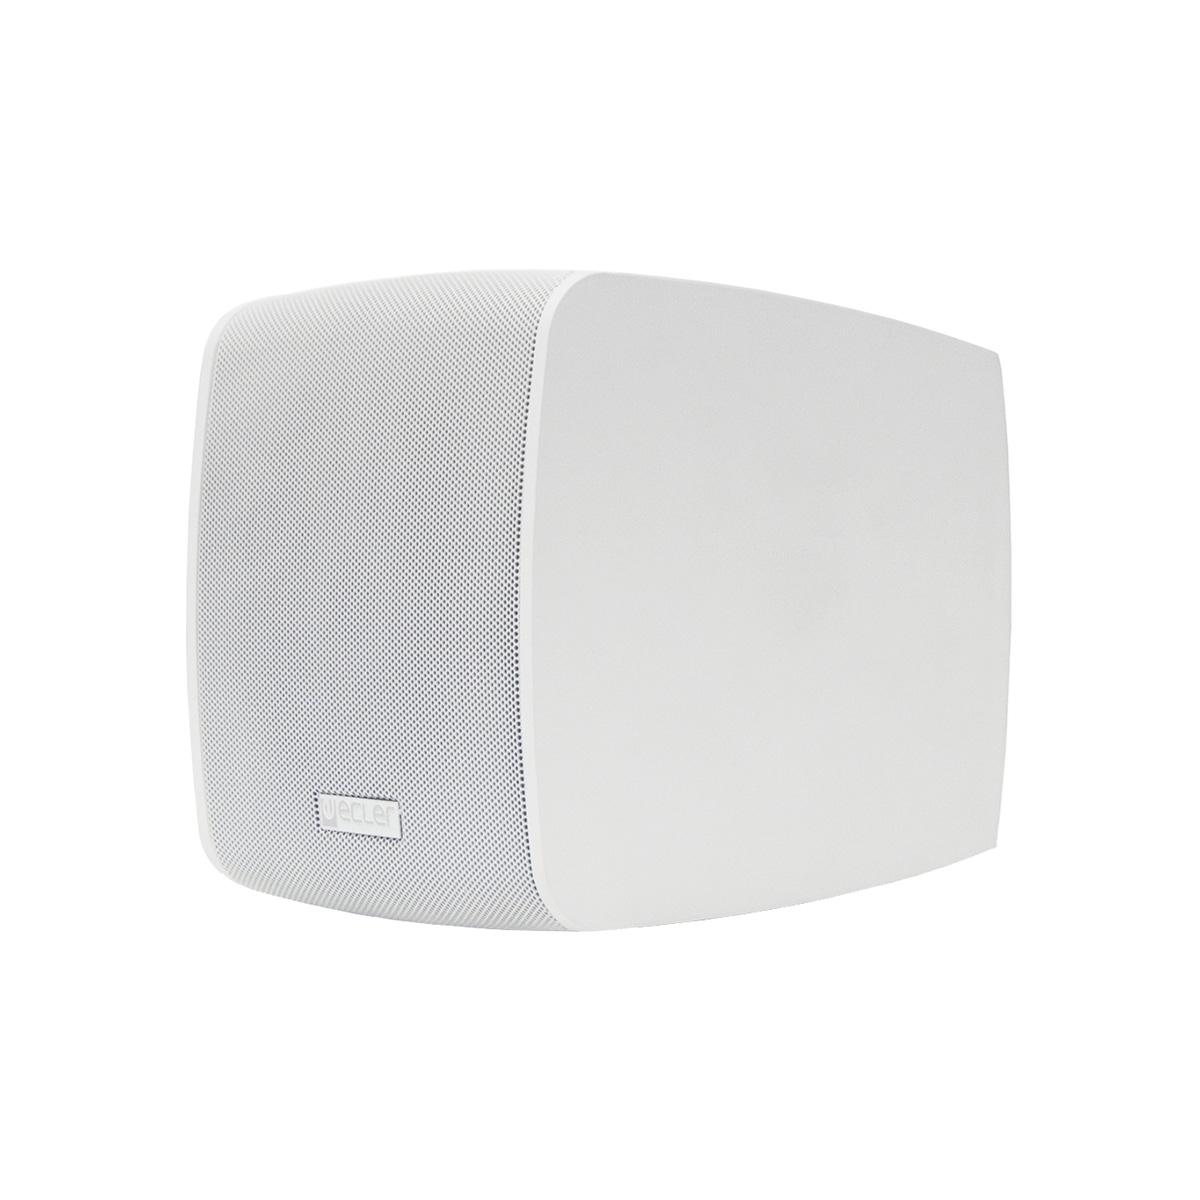 Ecler eMOTUS5ODWH - Всепогодная двухполосная настенная акустическая система 5'', 40–80 Вт/8 Ом, 30 Вт – 100 В